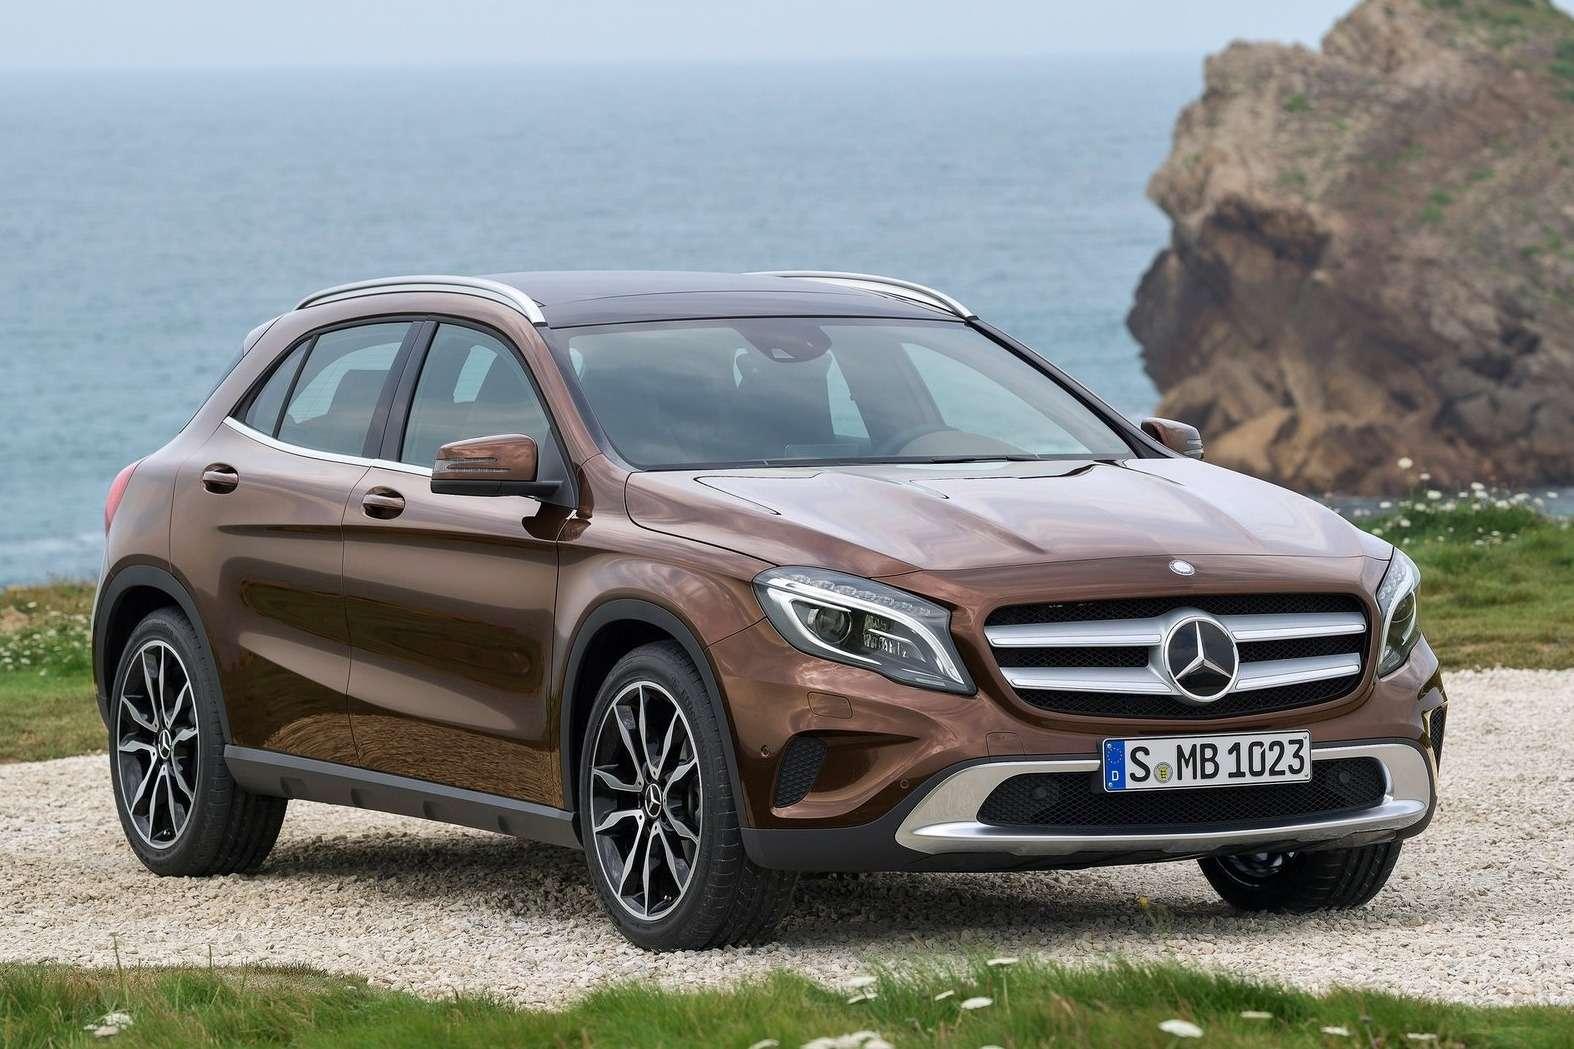 Mercedes-Benz-GLA-Class_2015_1600x1200_wallpaper_01